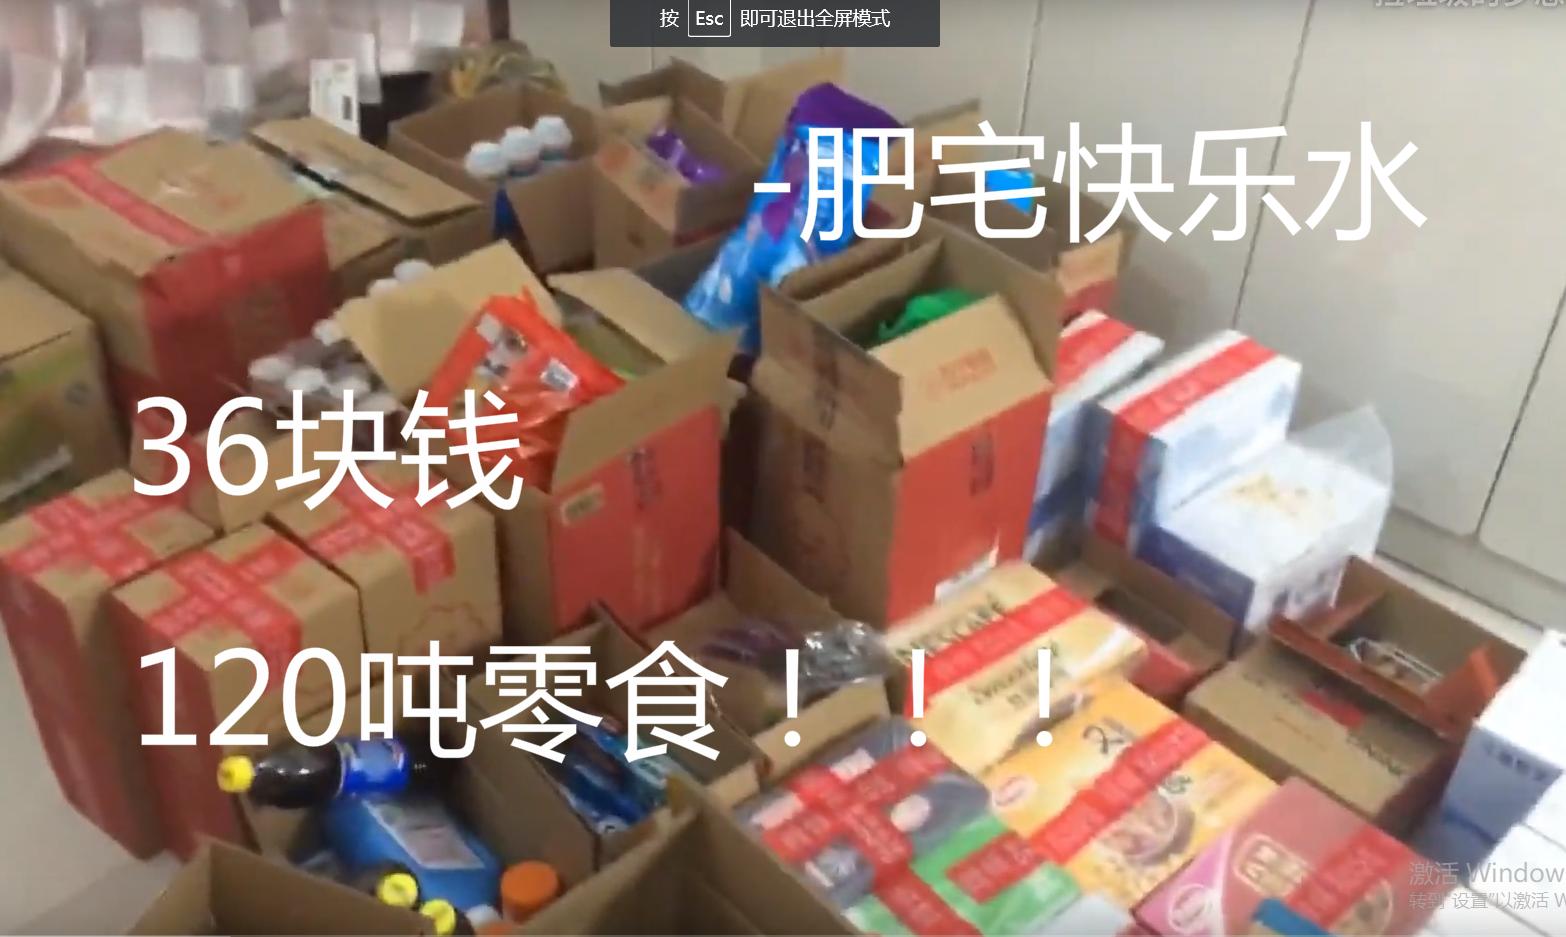 肥宅花了36元在苏宁撸了【120吨】肥宅快乐水跟零食、苏宁快递员都是专车为我送快递